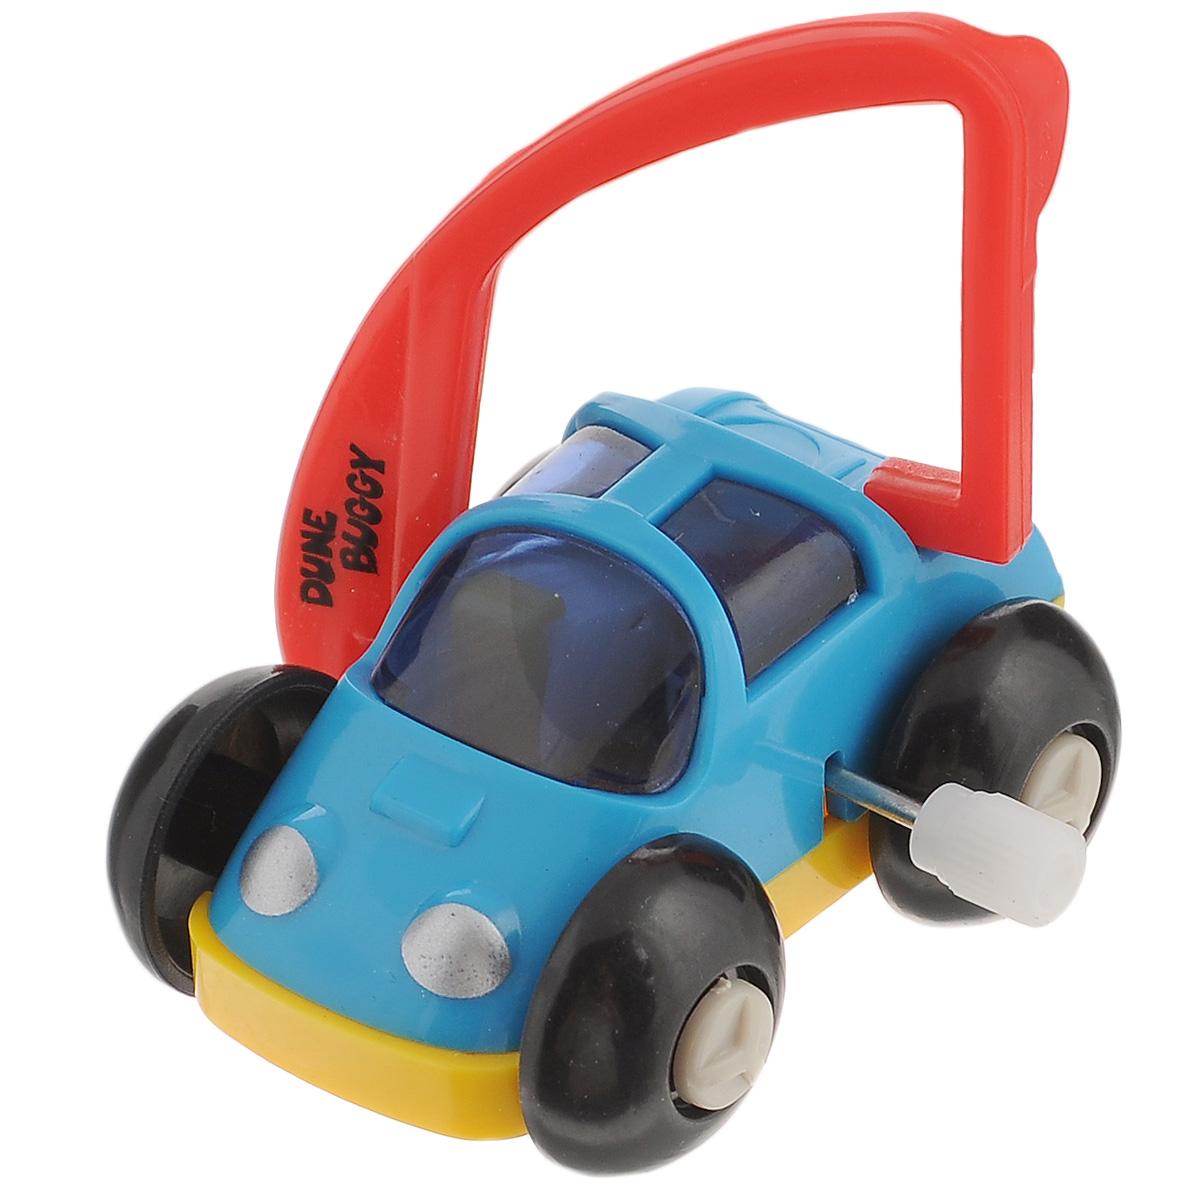 Игрушка заводная Багги, цвет: голубой, красный игрушка заводная машинка перевертыш цвет голубой красный